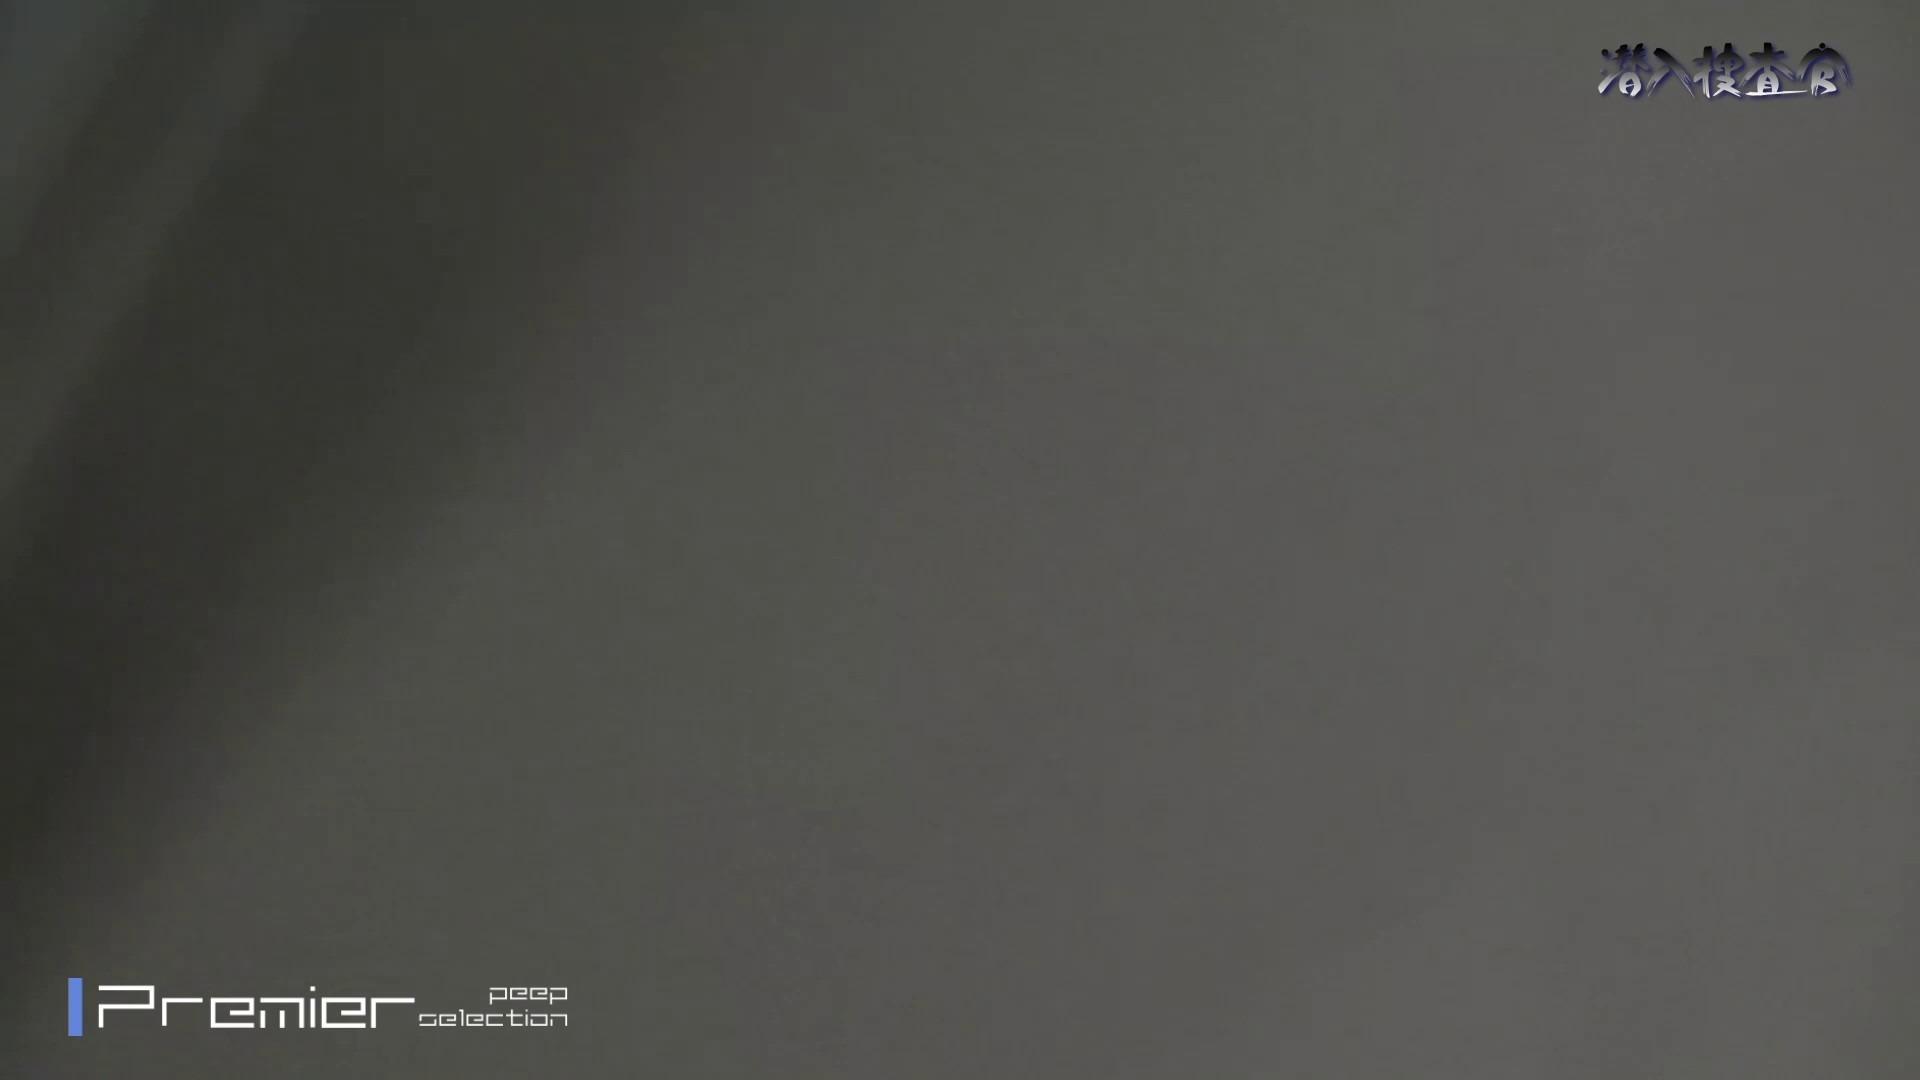 下からノゾム vol.041 携帯に夢中、後ろに居るカメラはやりたい放題! うんこ ぱこり動画紹介 71連発 53